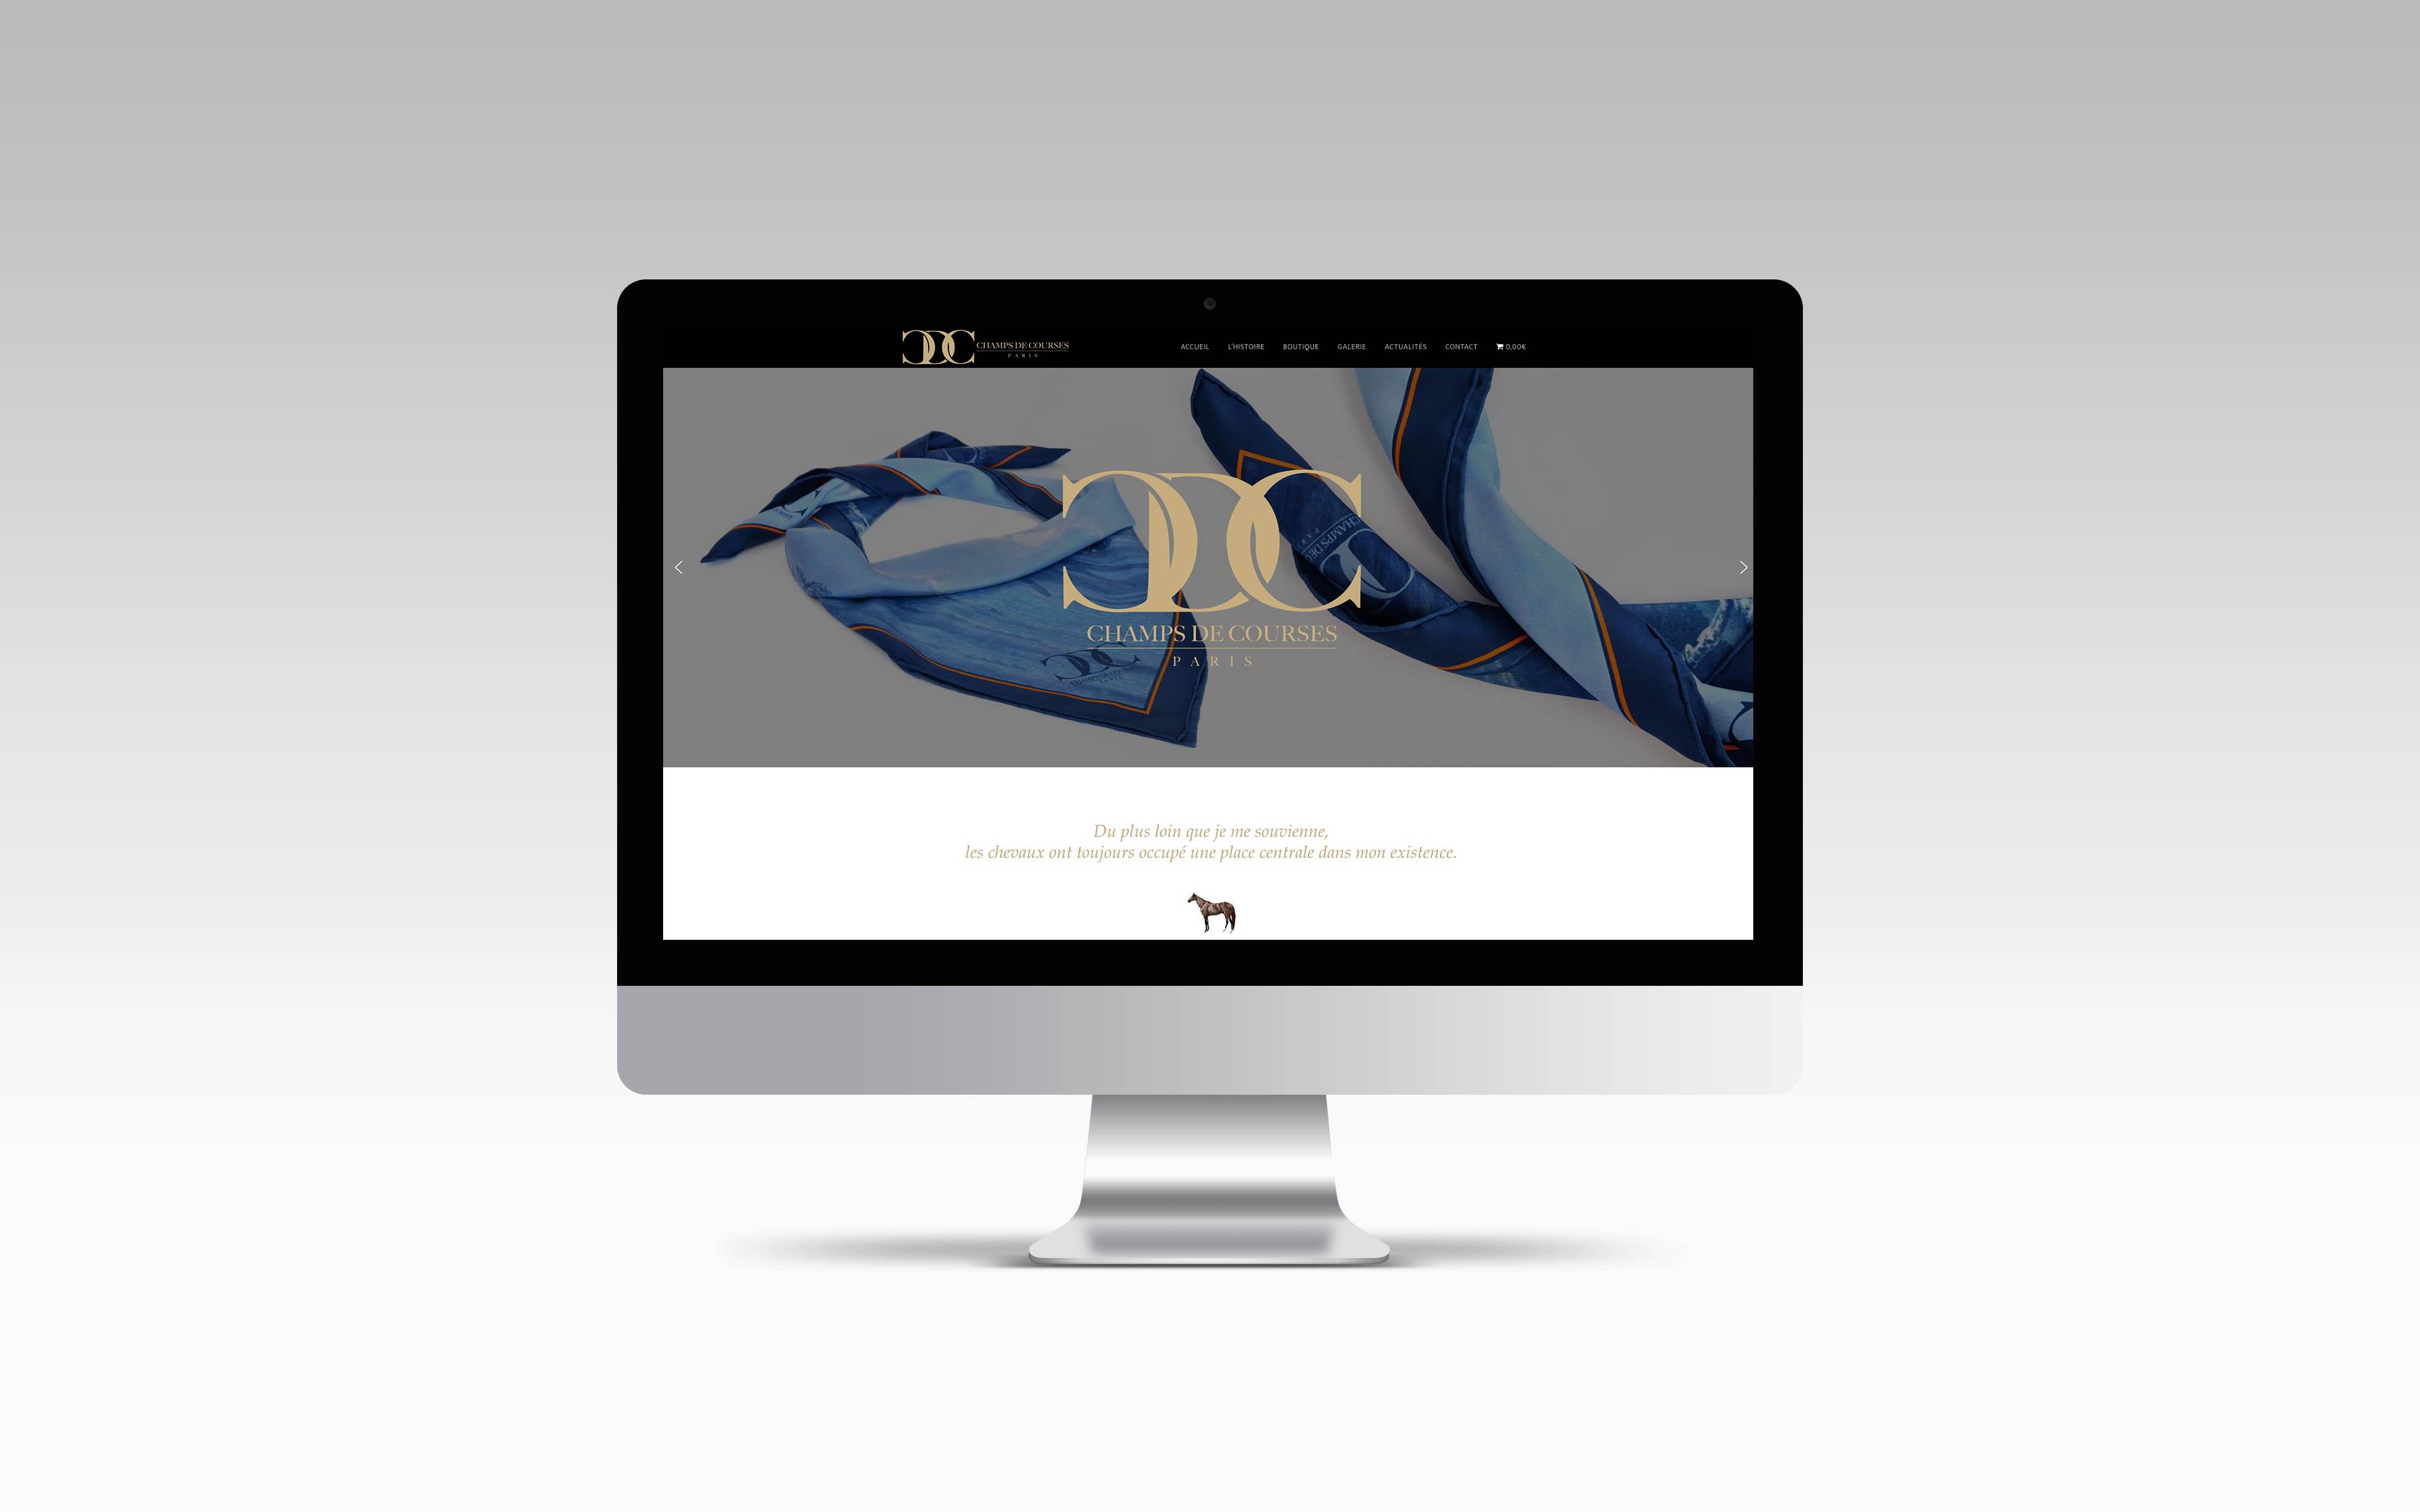 graphisme mise en page web identité graphique direction artistique wordpress Champs de courses